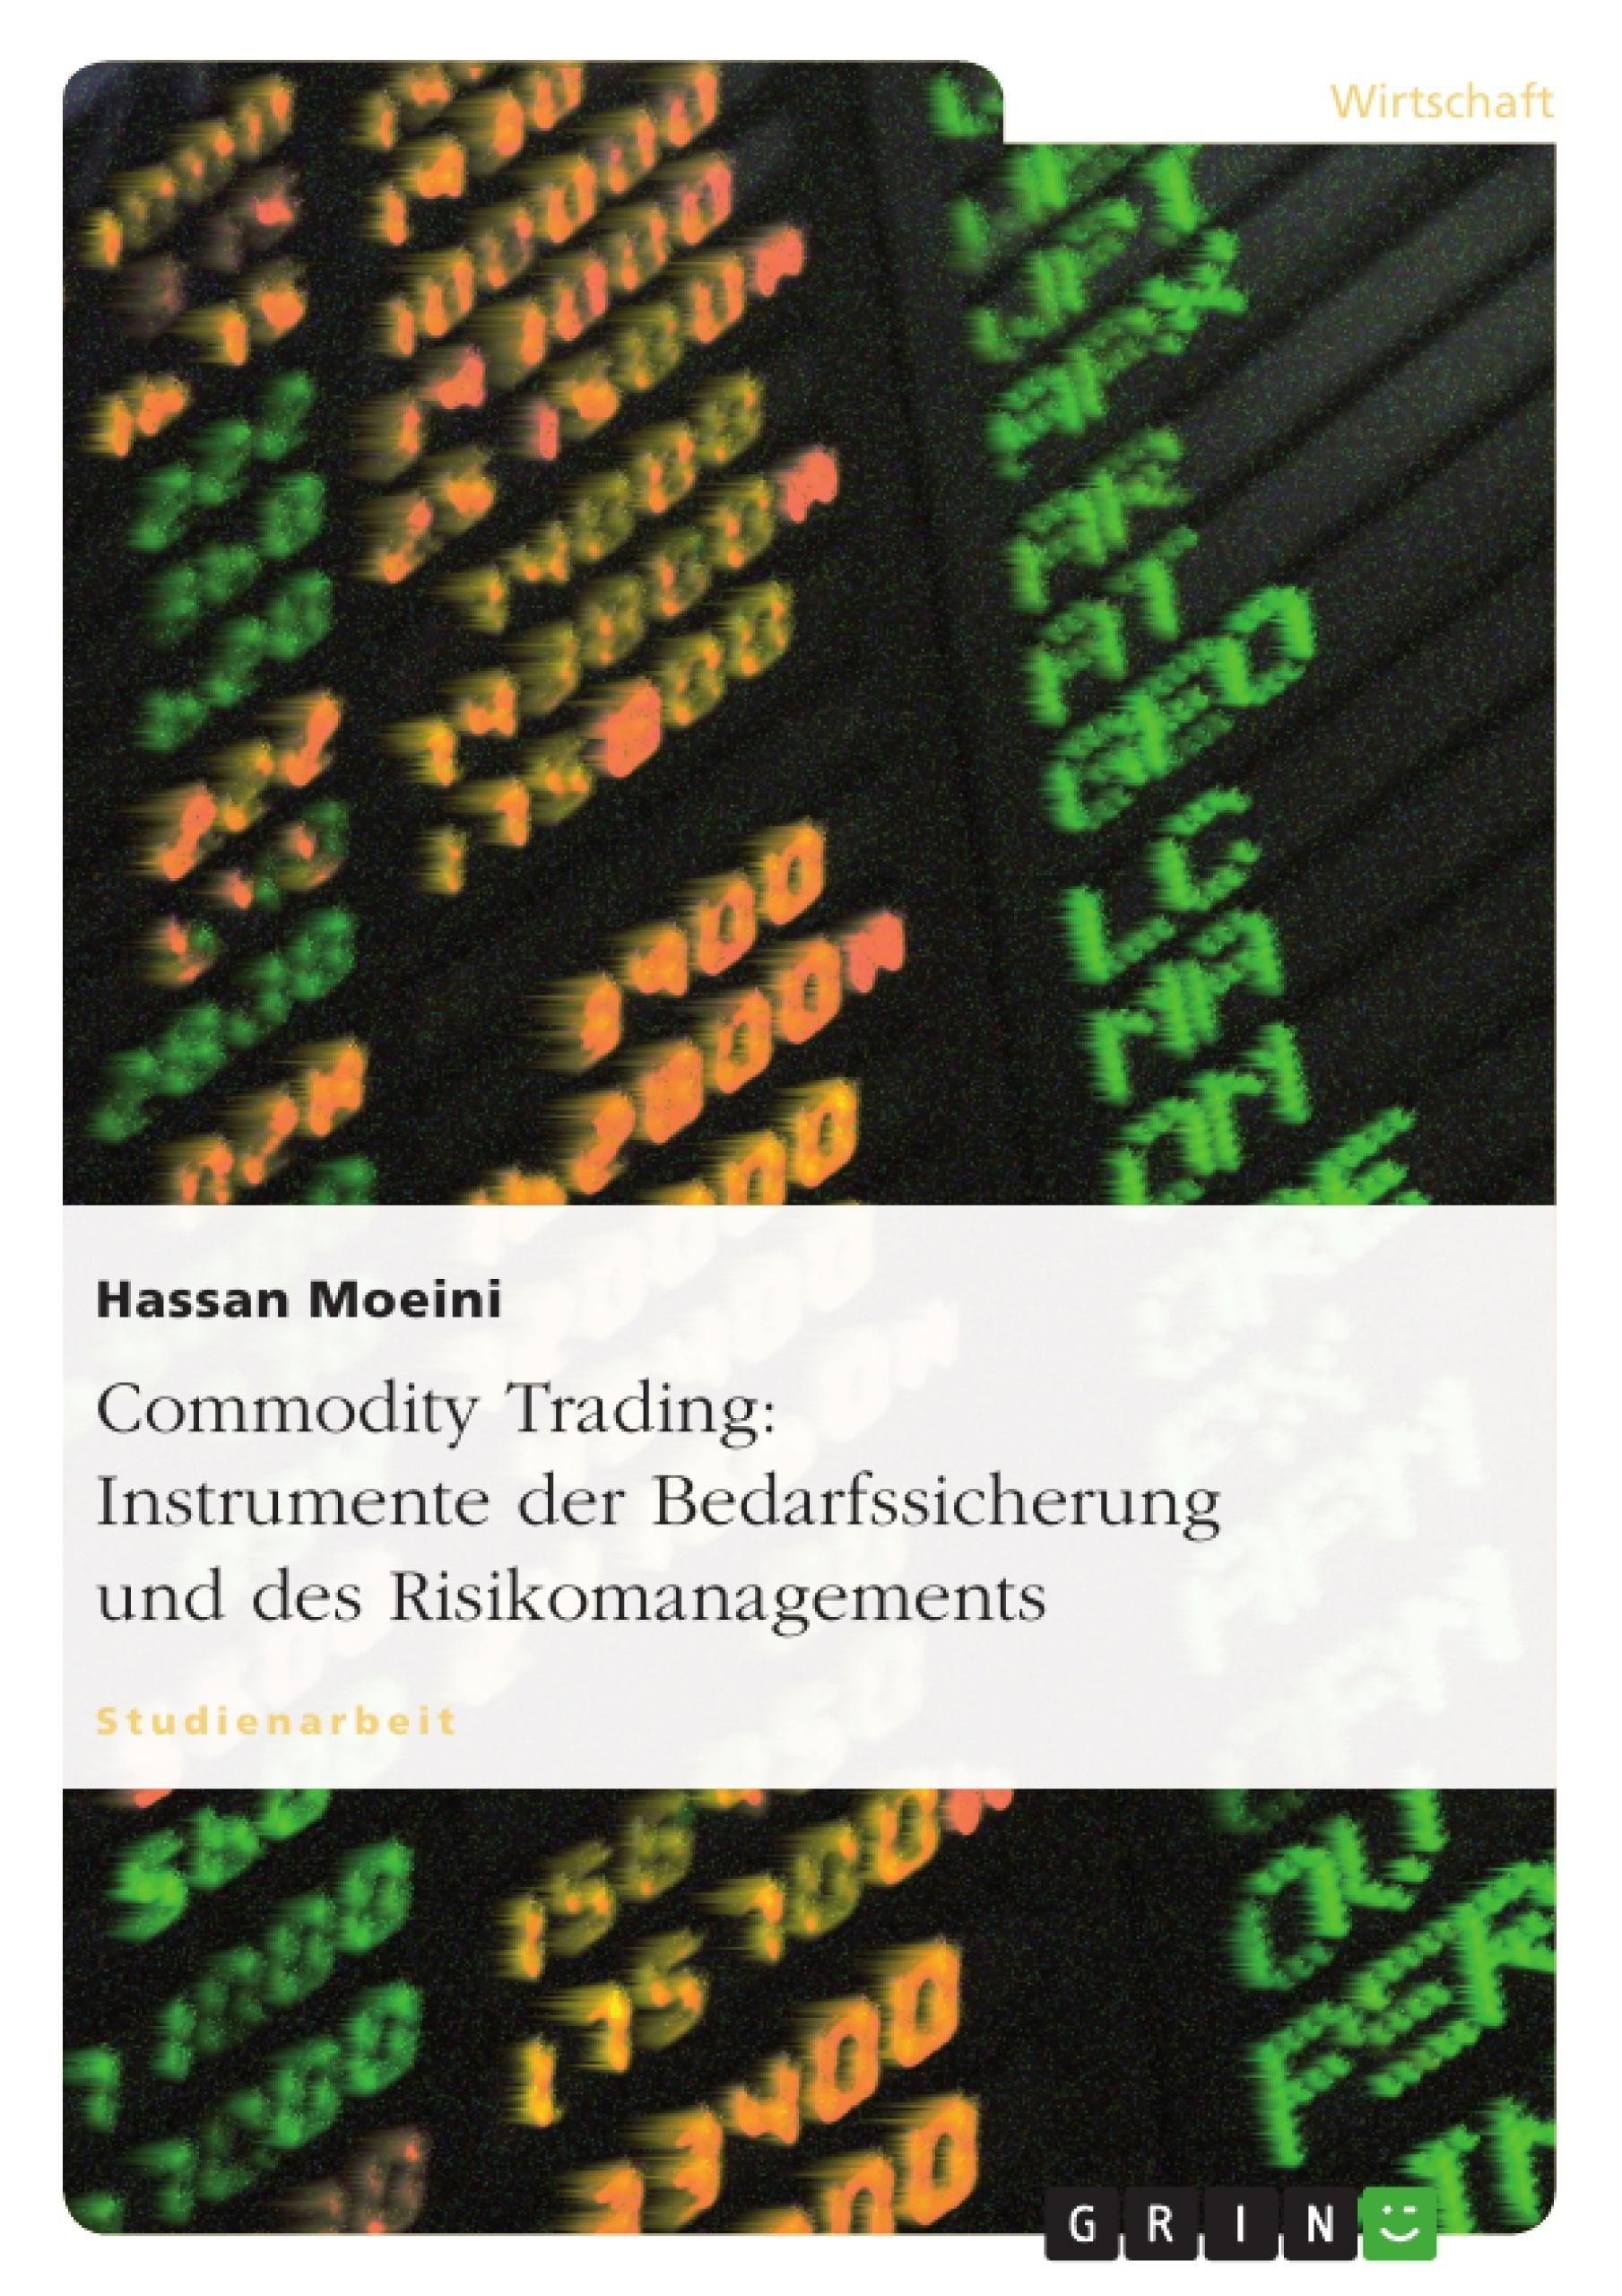 Titel: Commodity Trading: Instrumente der Bedarfssicherung und des Risikomanagements